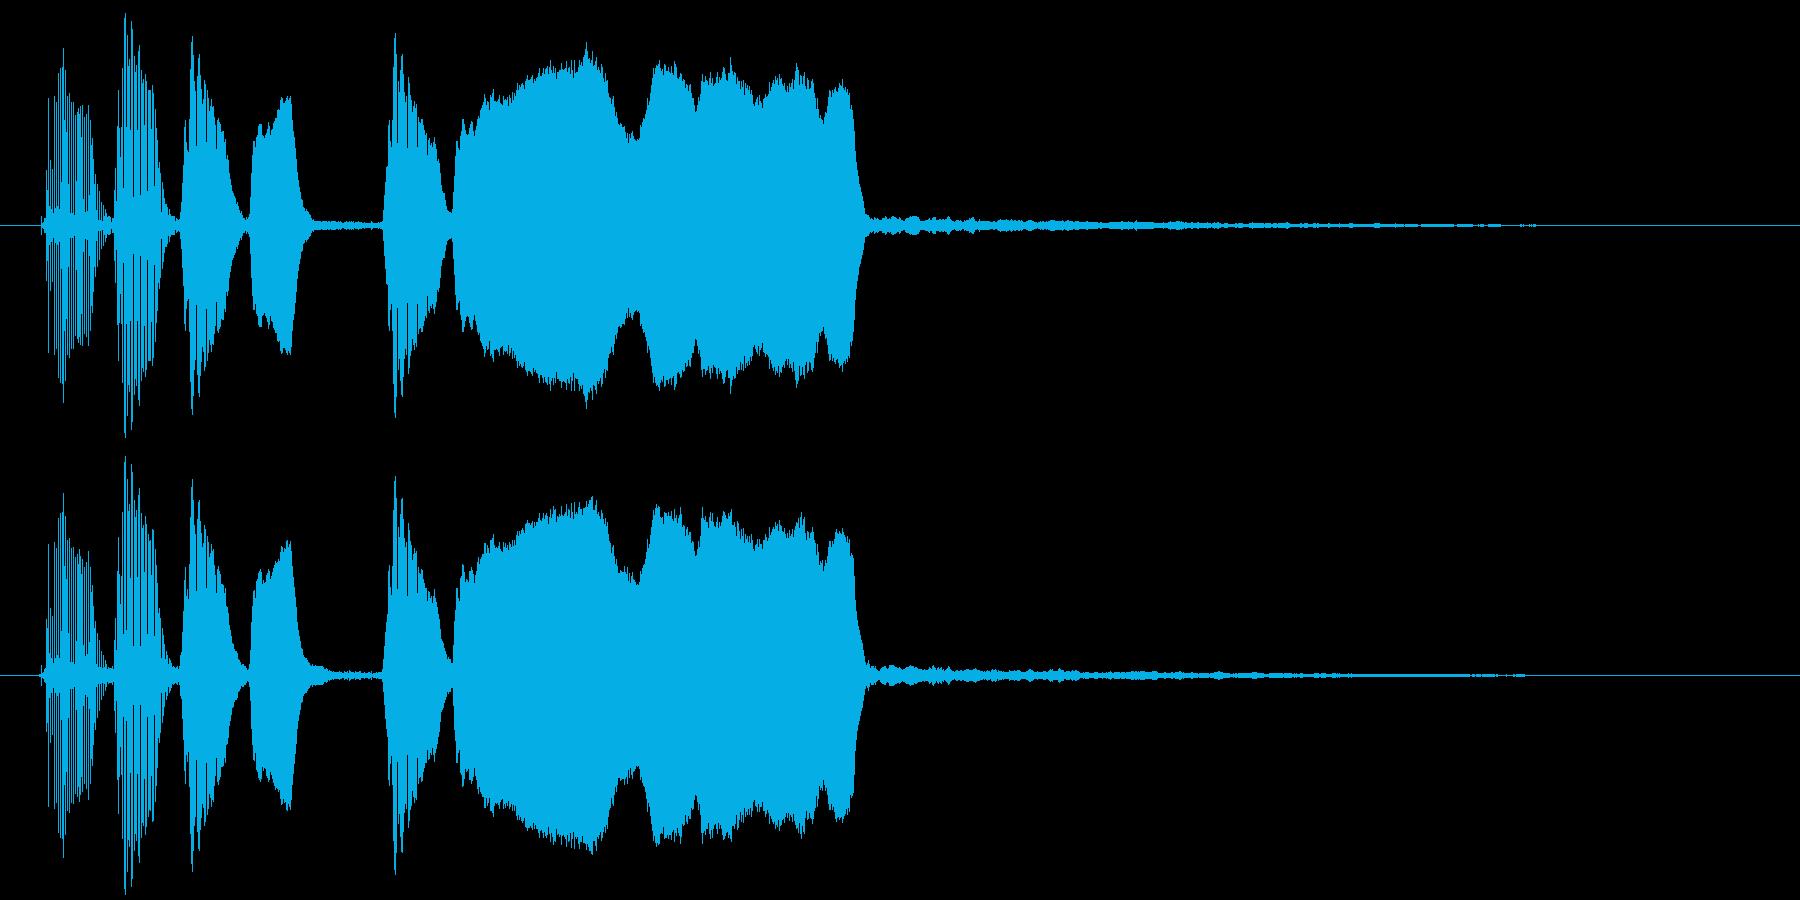 ラッパのファンファーレ タラララッタラーの再生済みの波形